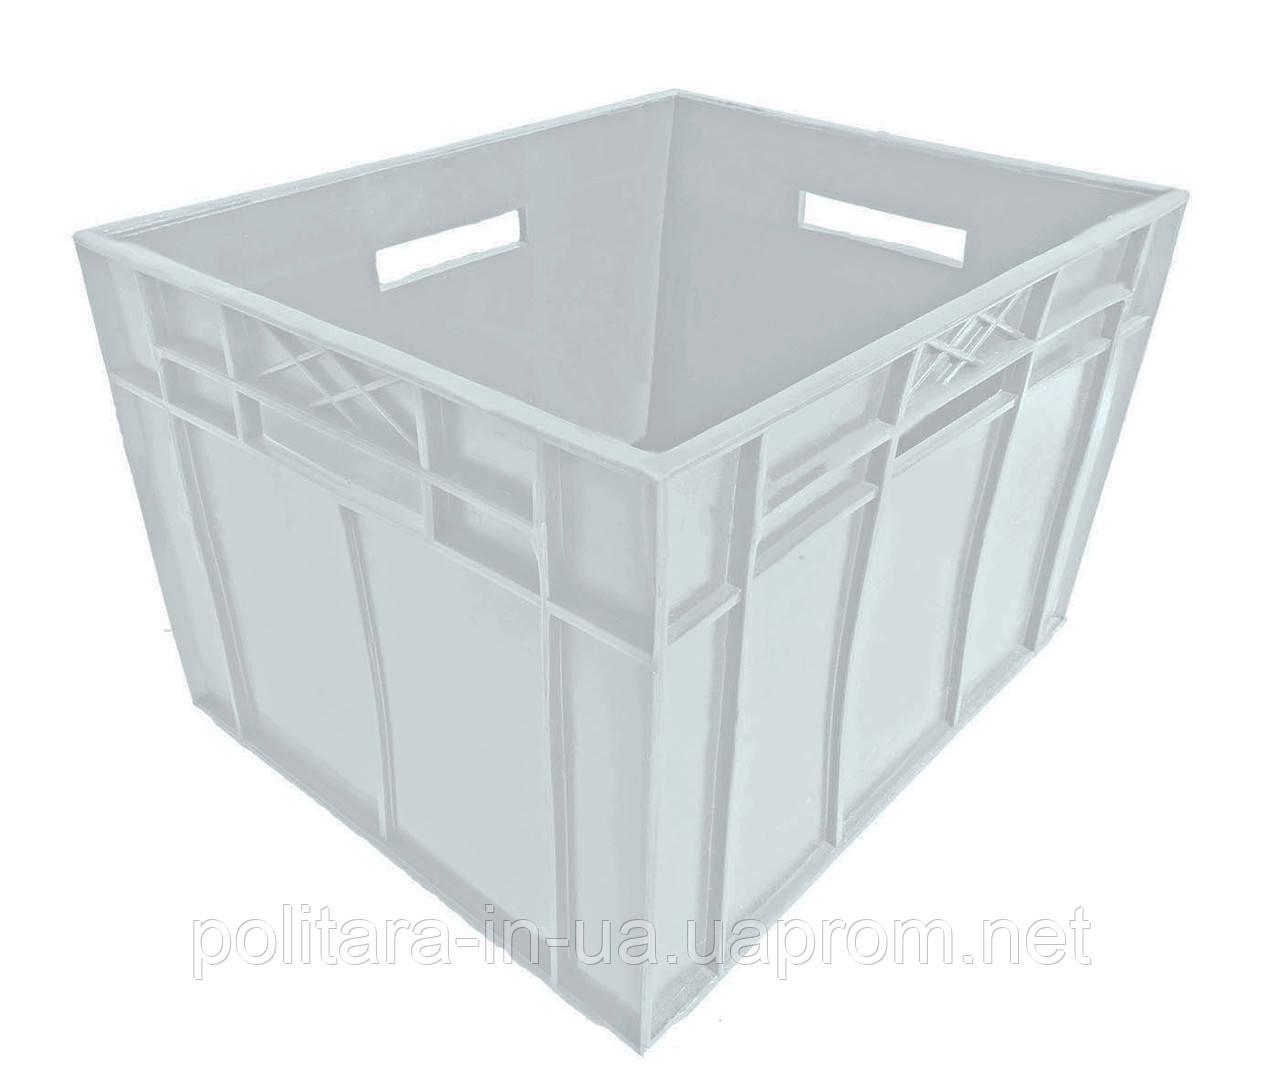 Ящик сплошной для молока и сыпучих продуктов  433x347x283 белый